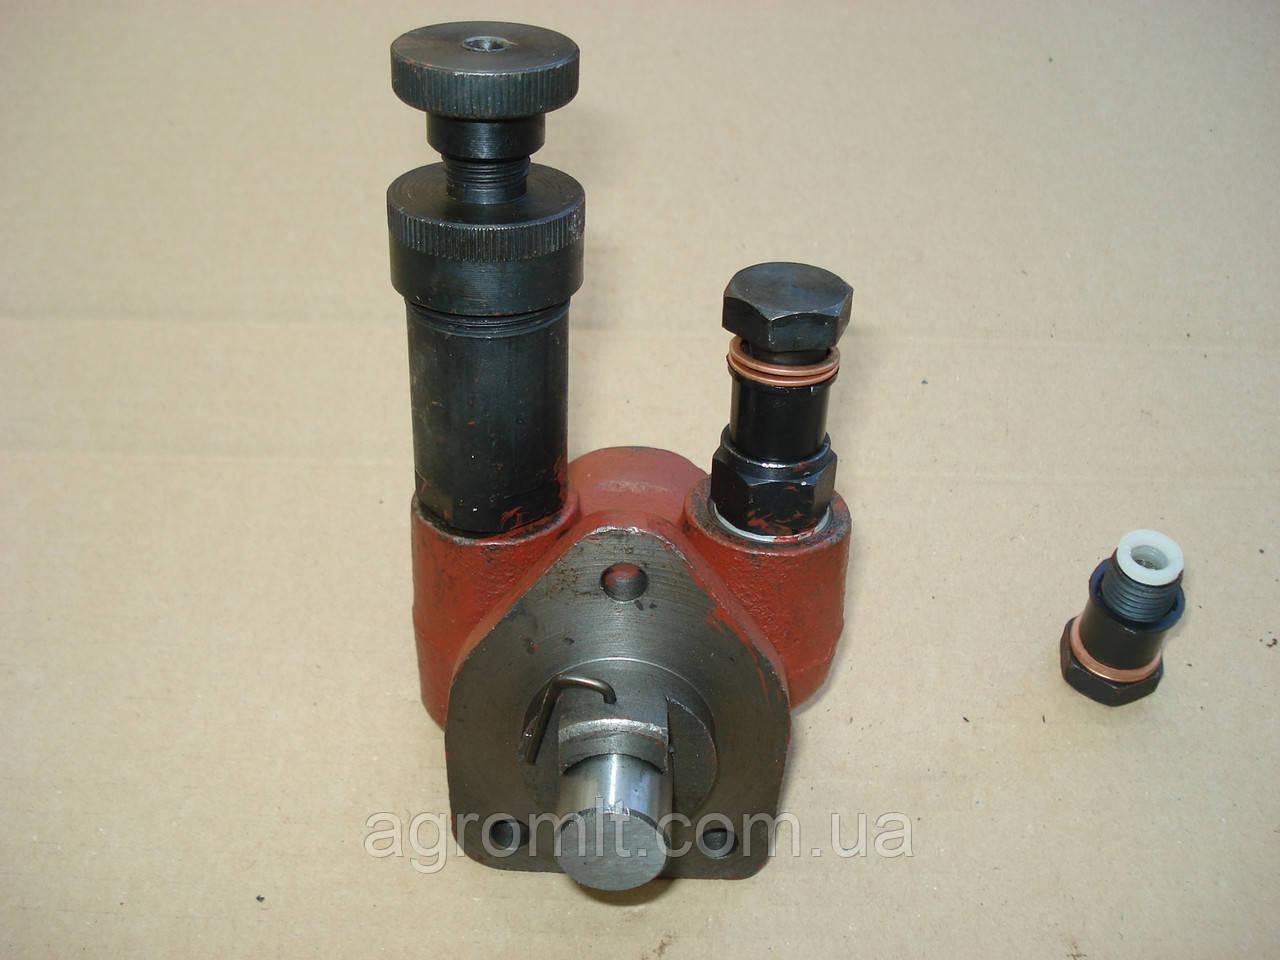 Топливный насос низкого давления УТН МТЗ, ЮМЗ (подкачка)